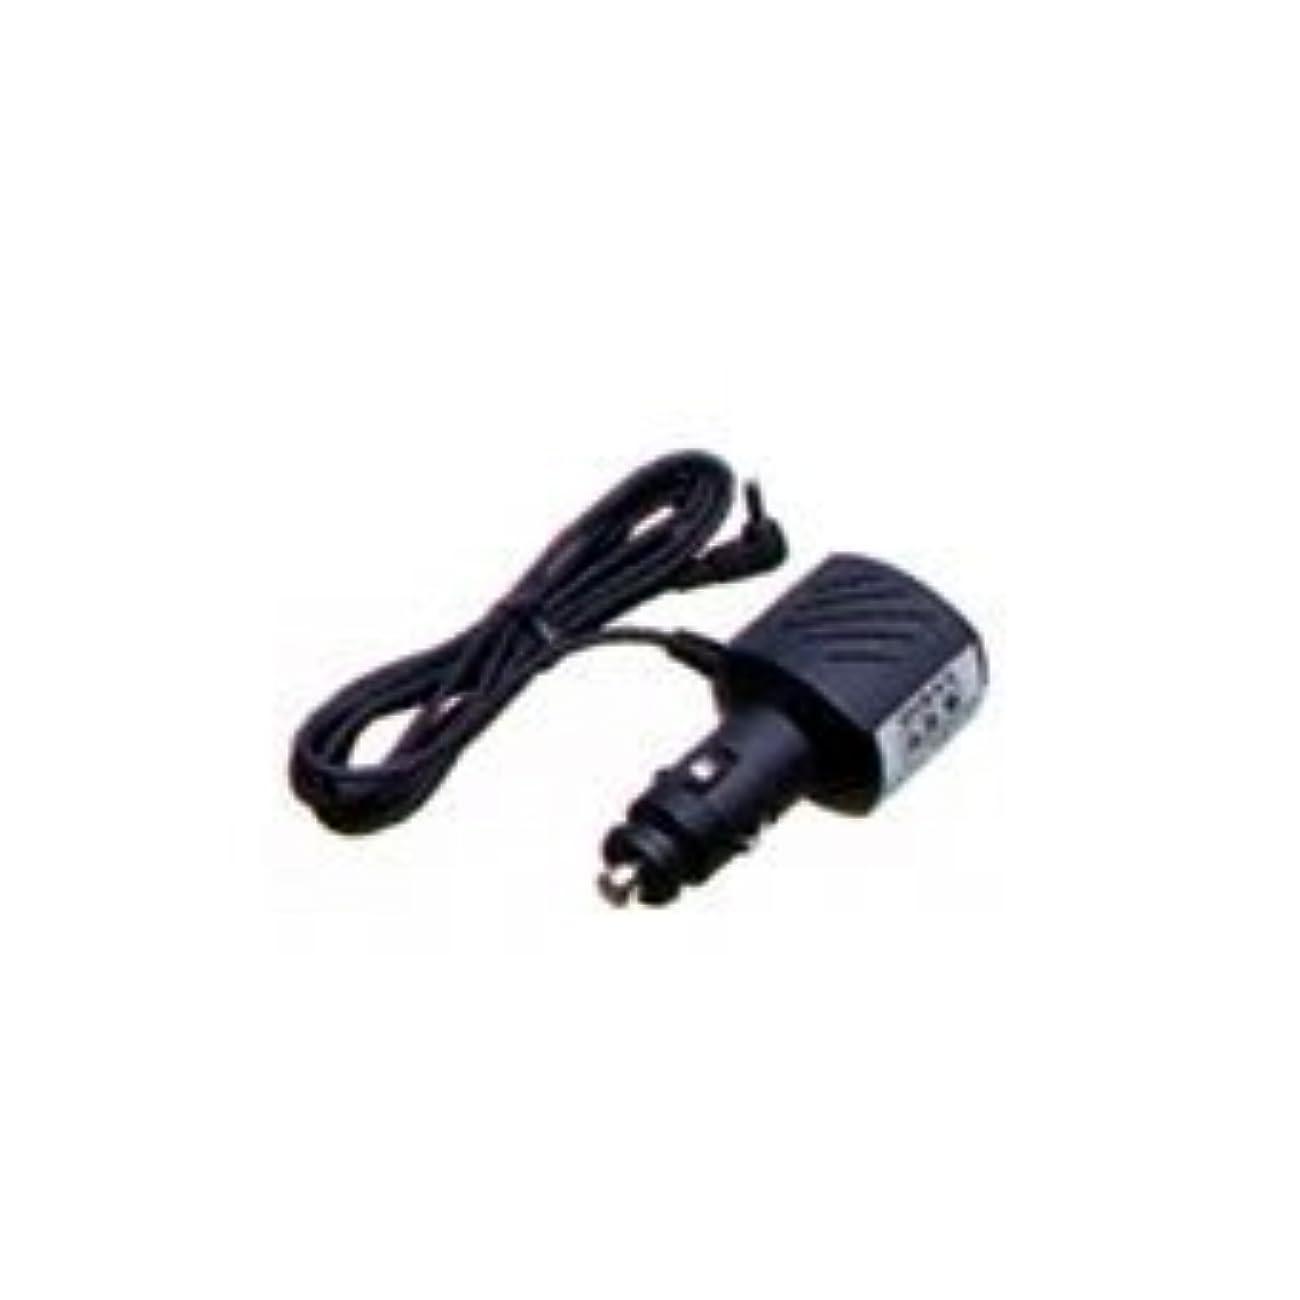 男らしさ合意物理的なKENWOOD PG-3J アマチュア無線用ノイズフィルター付シガライターコード